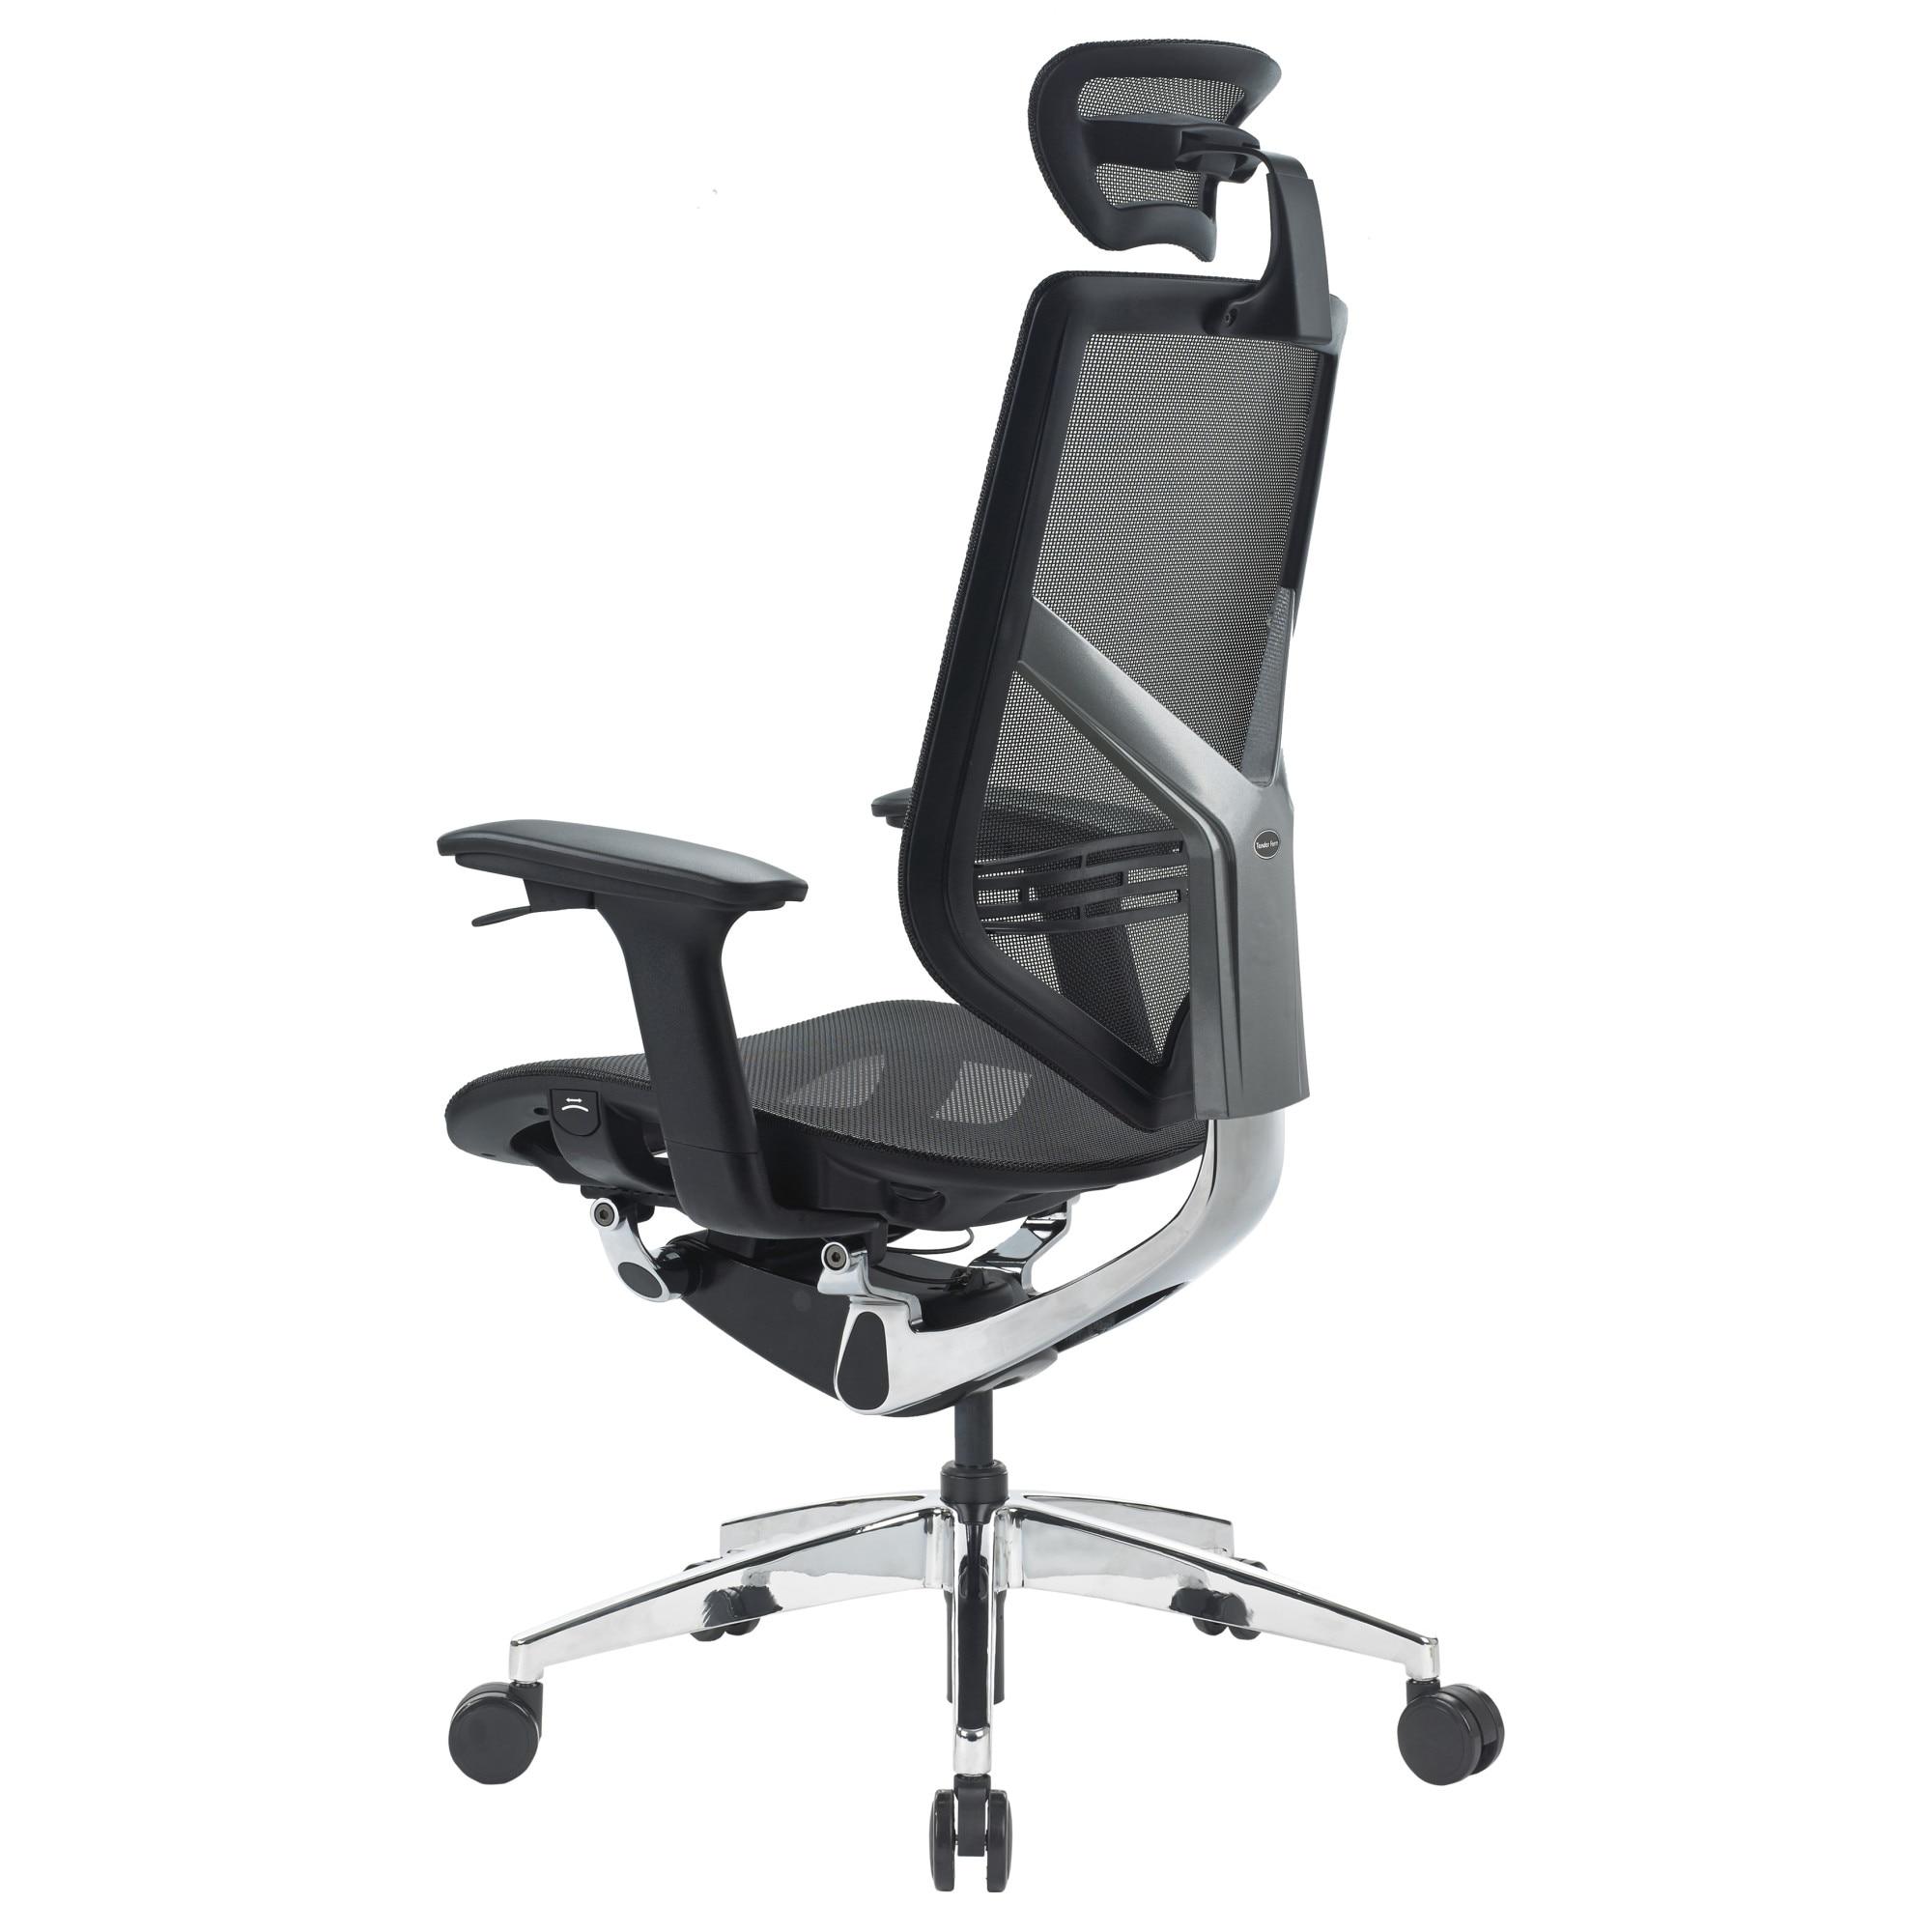 QMOBILI TENDER FORM HI Fekete ergonomikus szék, mesh, szinkron mechanika, deréktámasz, 2D karfa, 2D fejtámla, alumínium csillagláb eMAG.hu